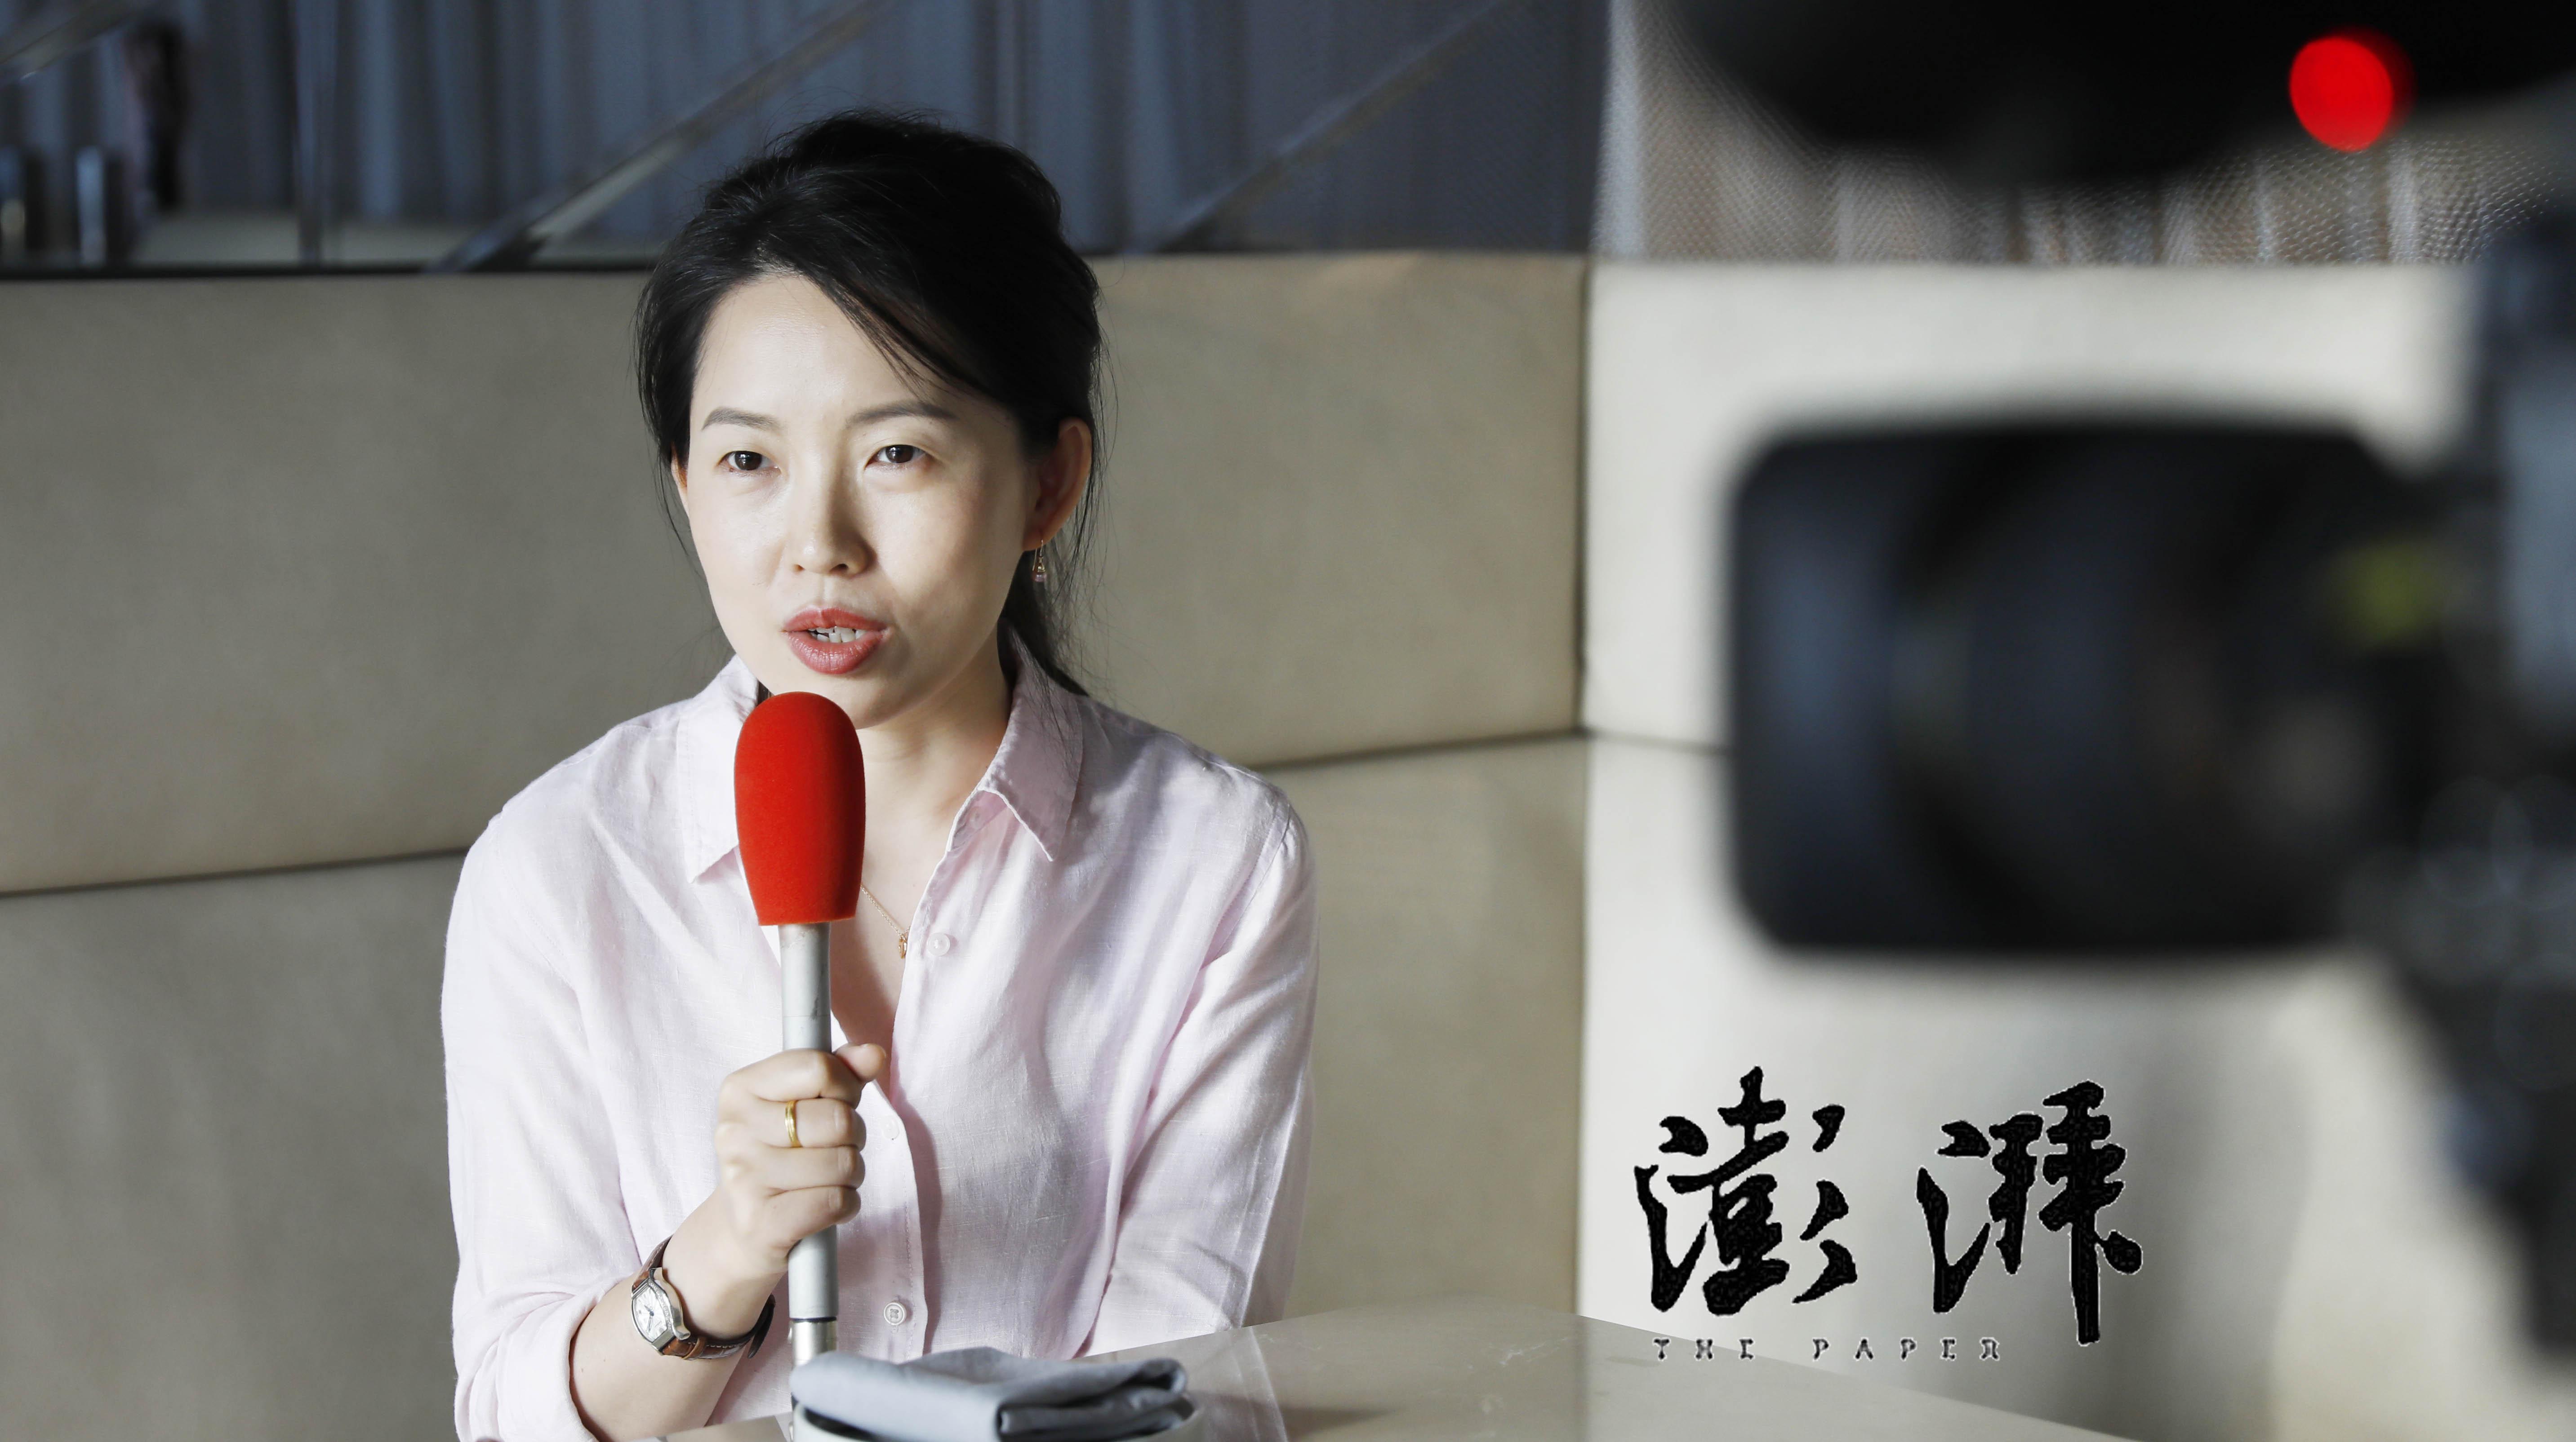 上海电影节|《盲行者》:我看不见大海,但我要让大海看见我